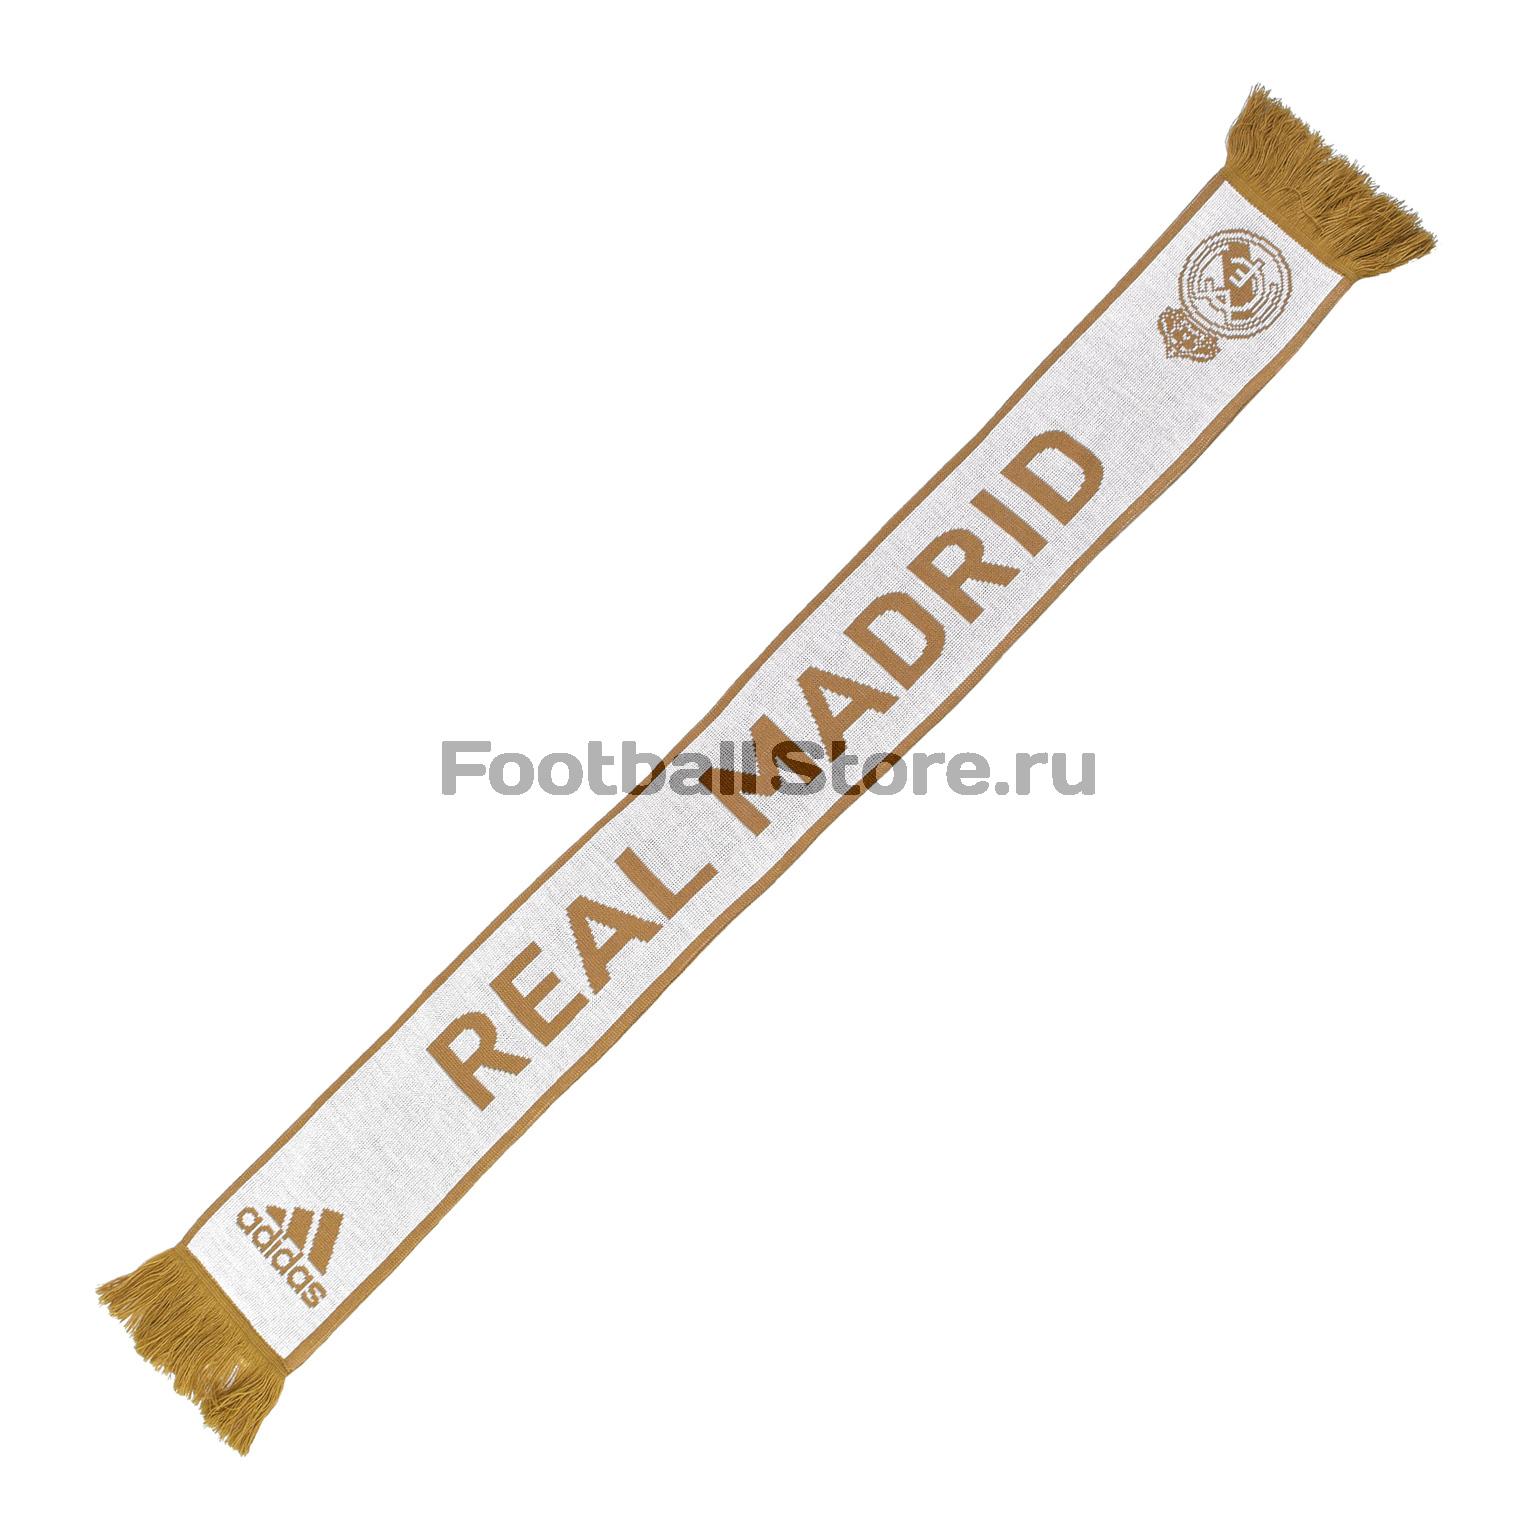 Шарф болельщика Adidas Real Madrid DY7706